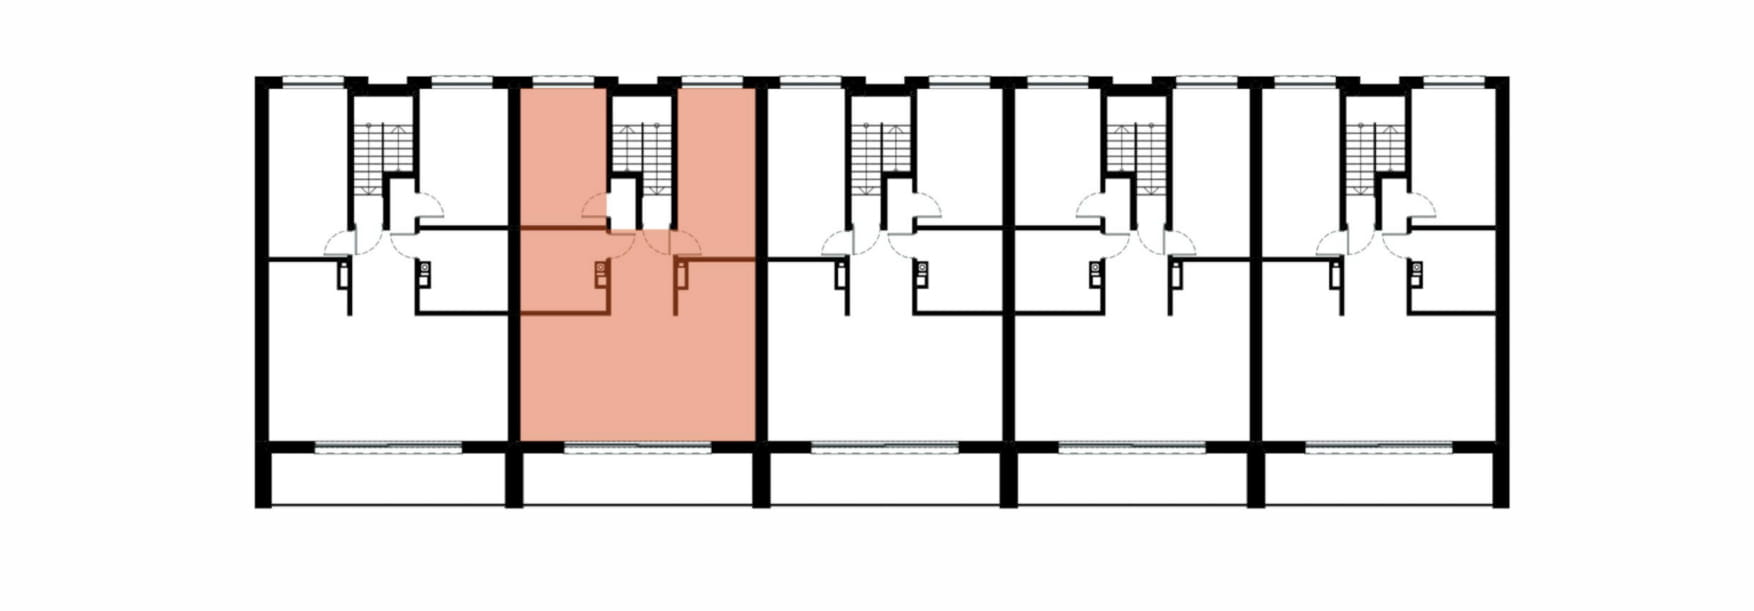 Apartamenty Kamienna / apartamenty inwestycyjne 2B rzut 2